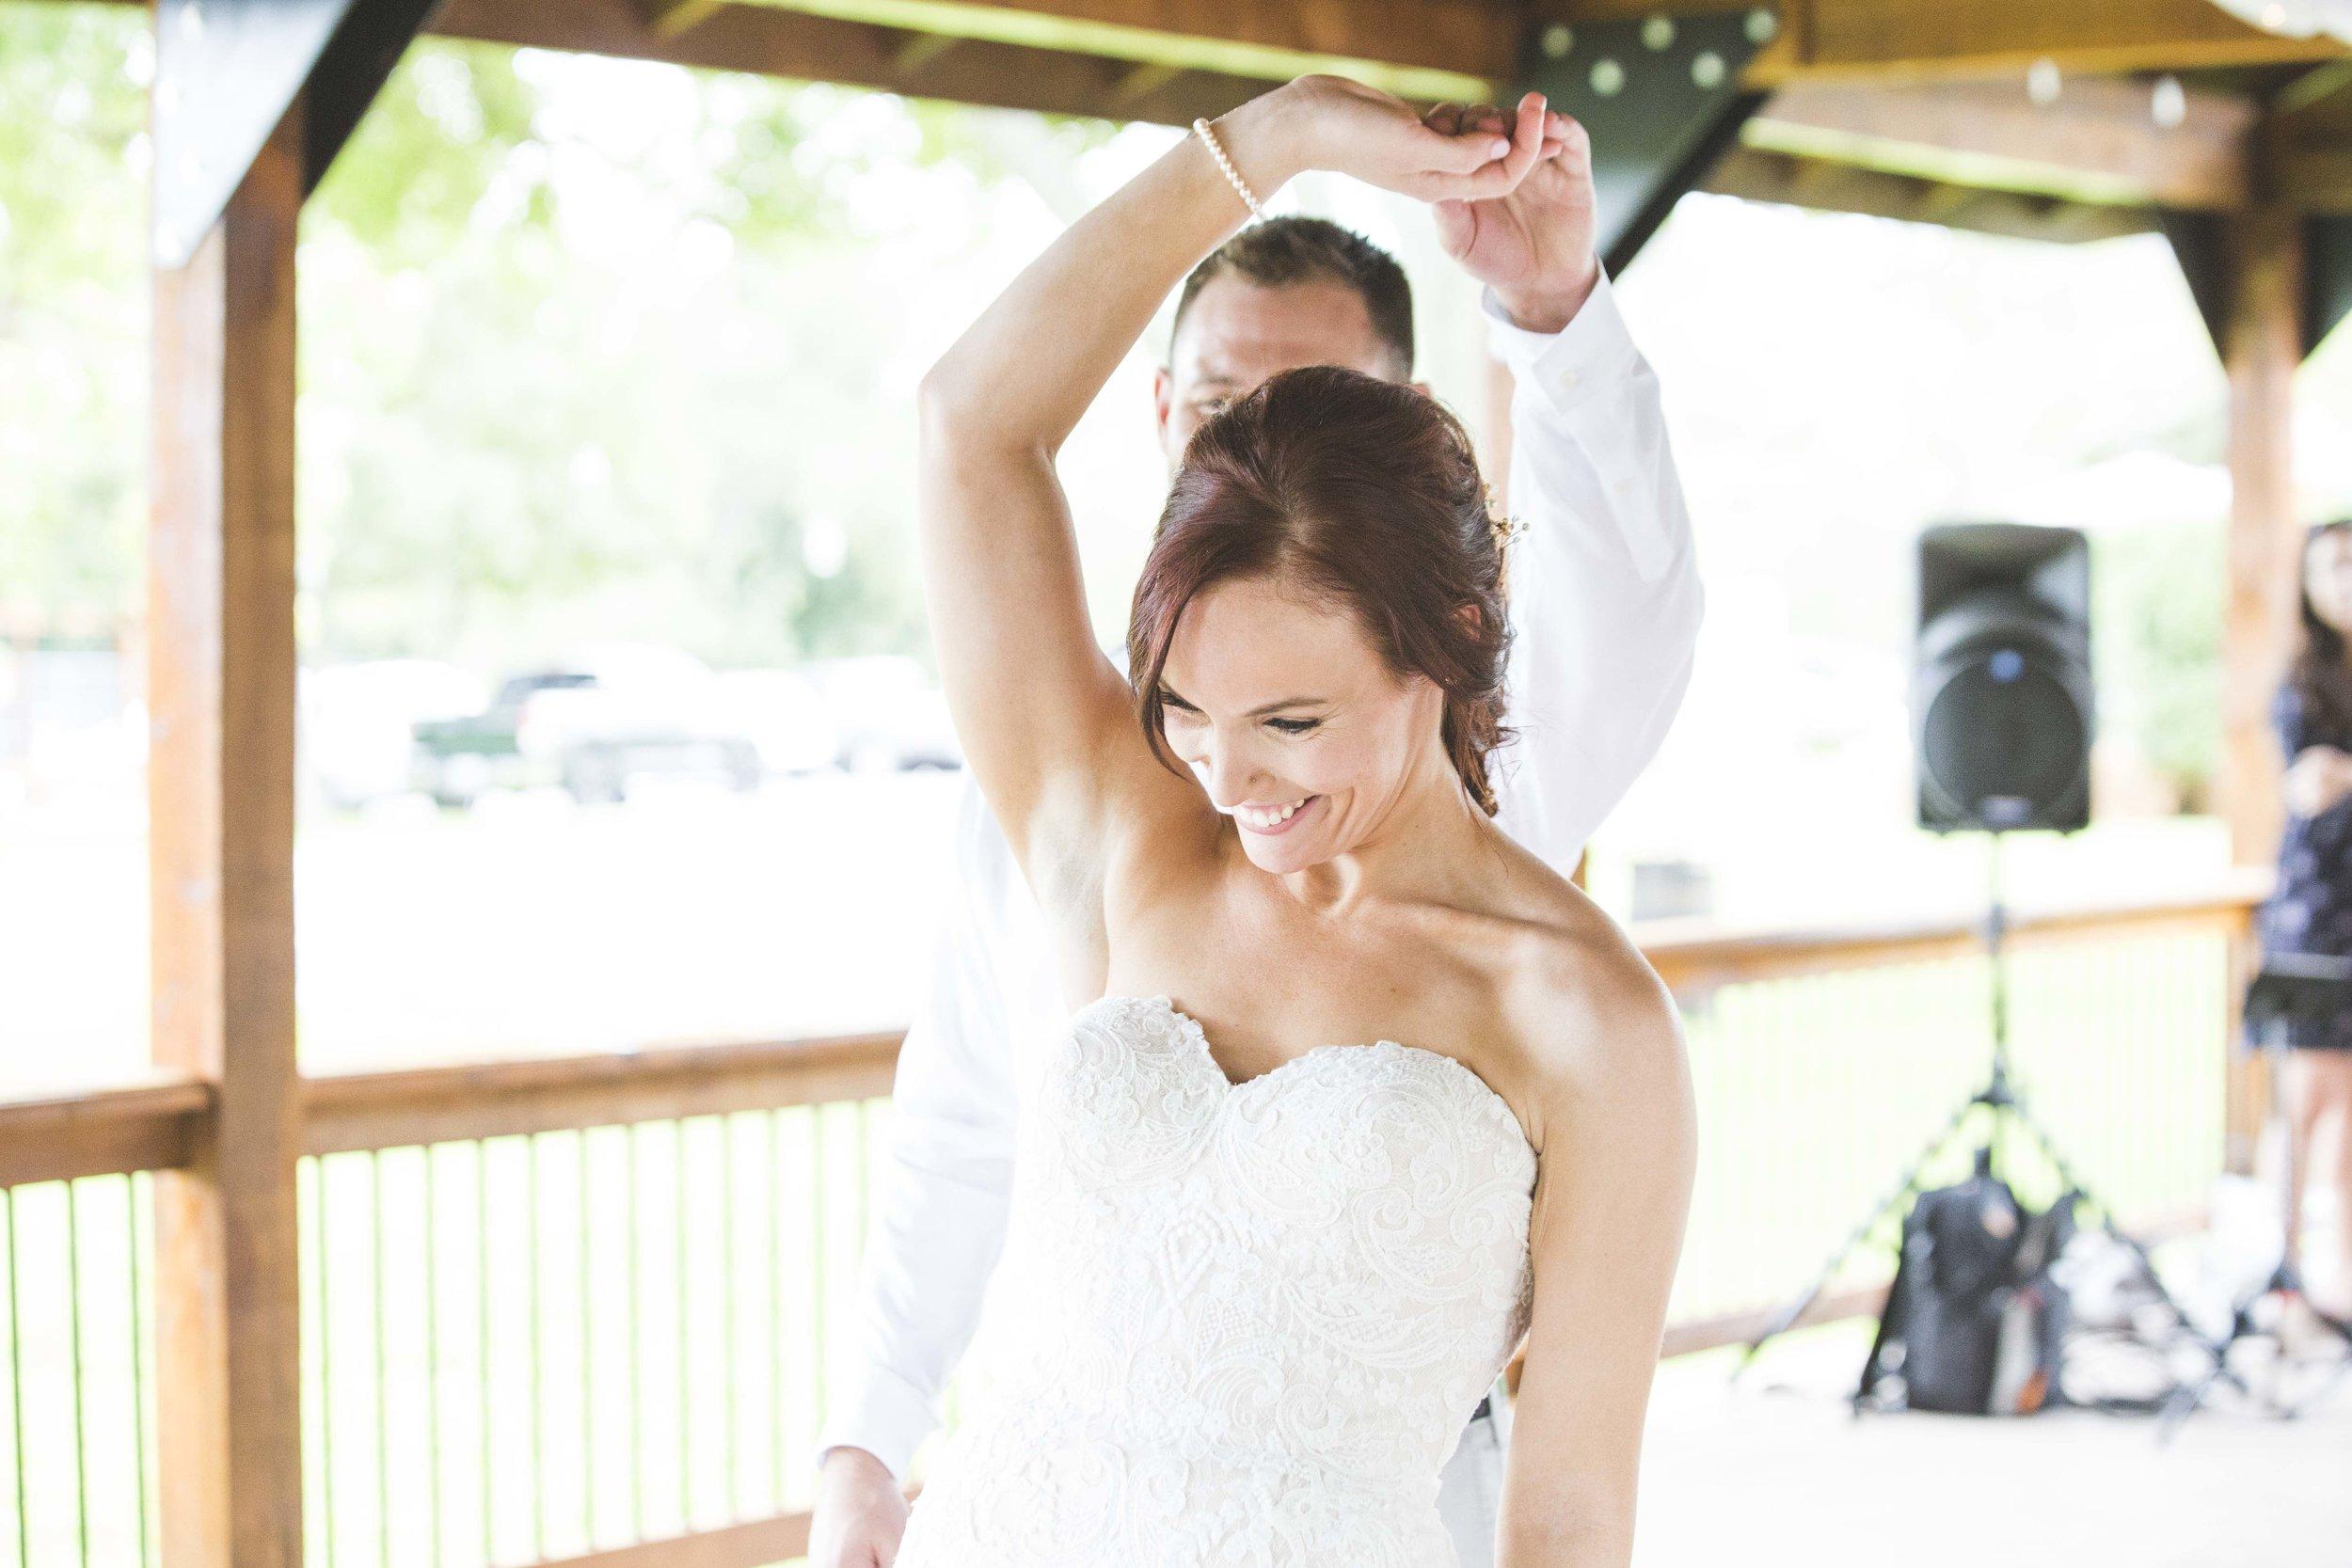 ATGI_Susanna & Matt Wedding_717A8519.jpg